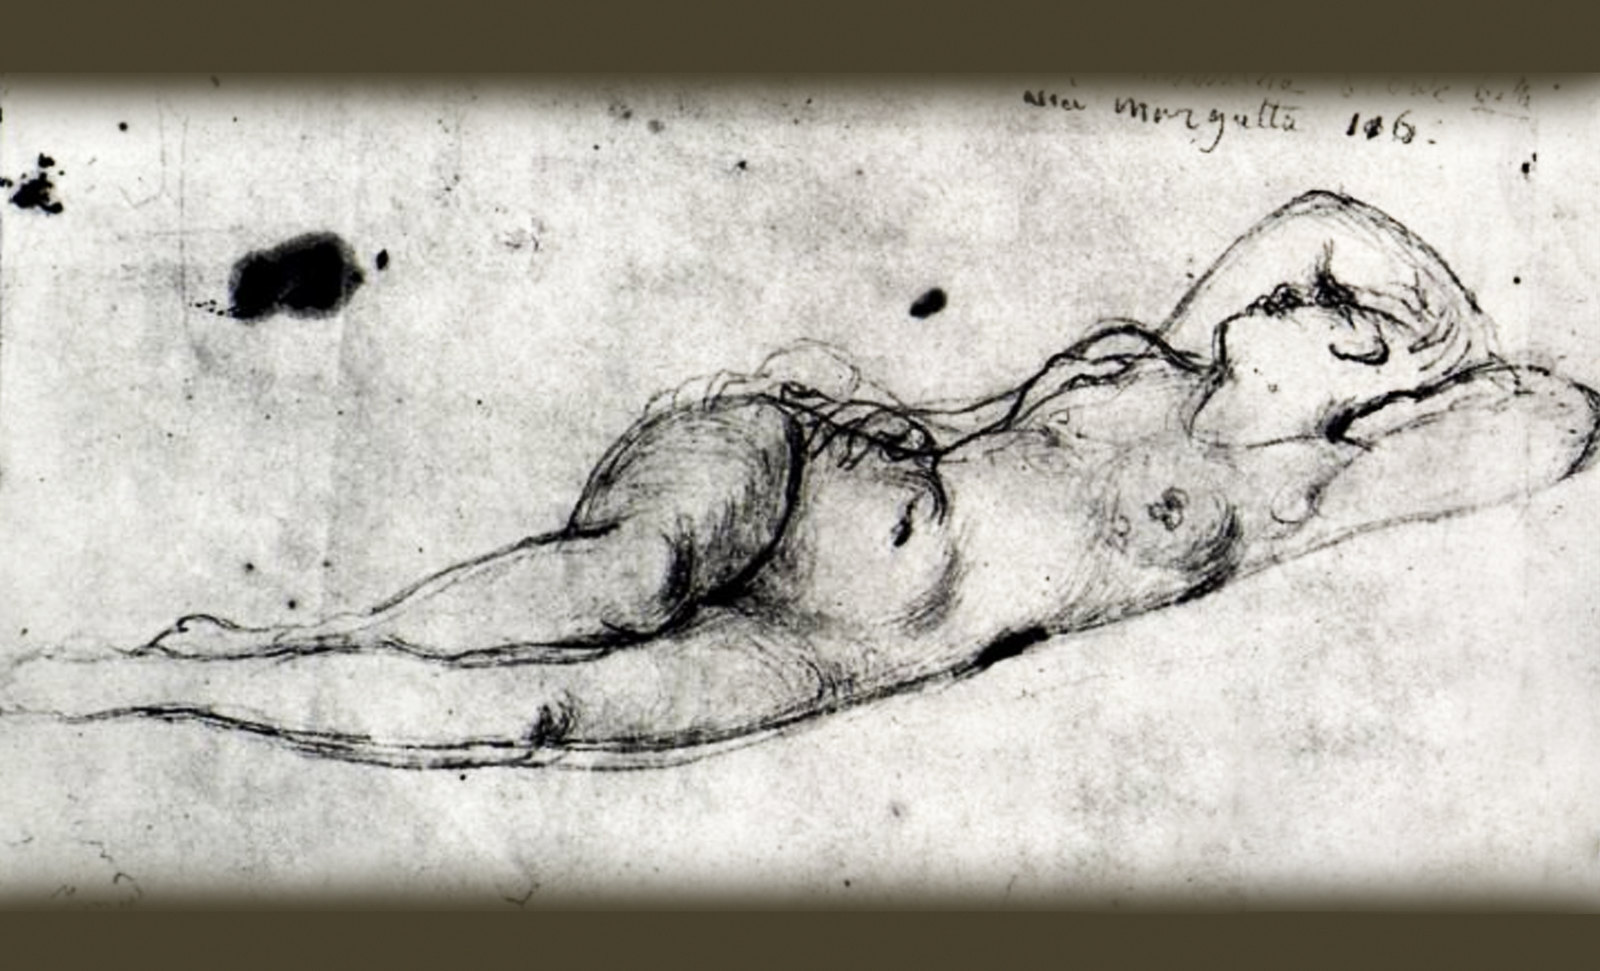 Genealogía de las Soñantes, versiones de Lucas Cranach el Viejo (1534), Giorgione (1510), Tiziano Vecellio (1524), Nicolas Poussin (1625), Jean Auguste Ingres (1864), Amadeo Modigliani (1919), Pablo Picasso (1920), (1954), (1955), (1961).